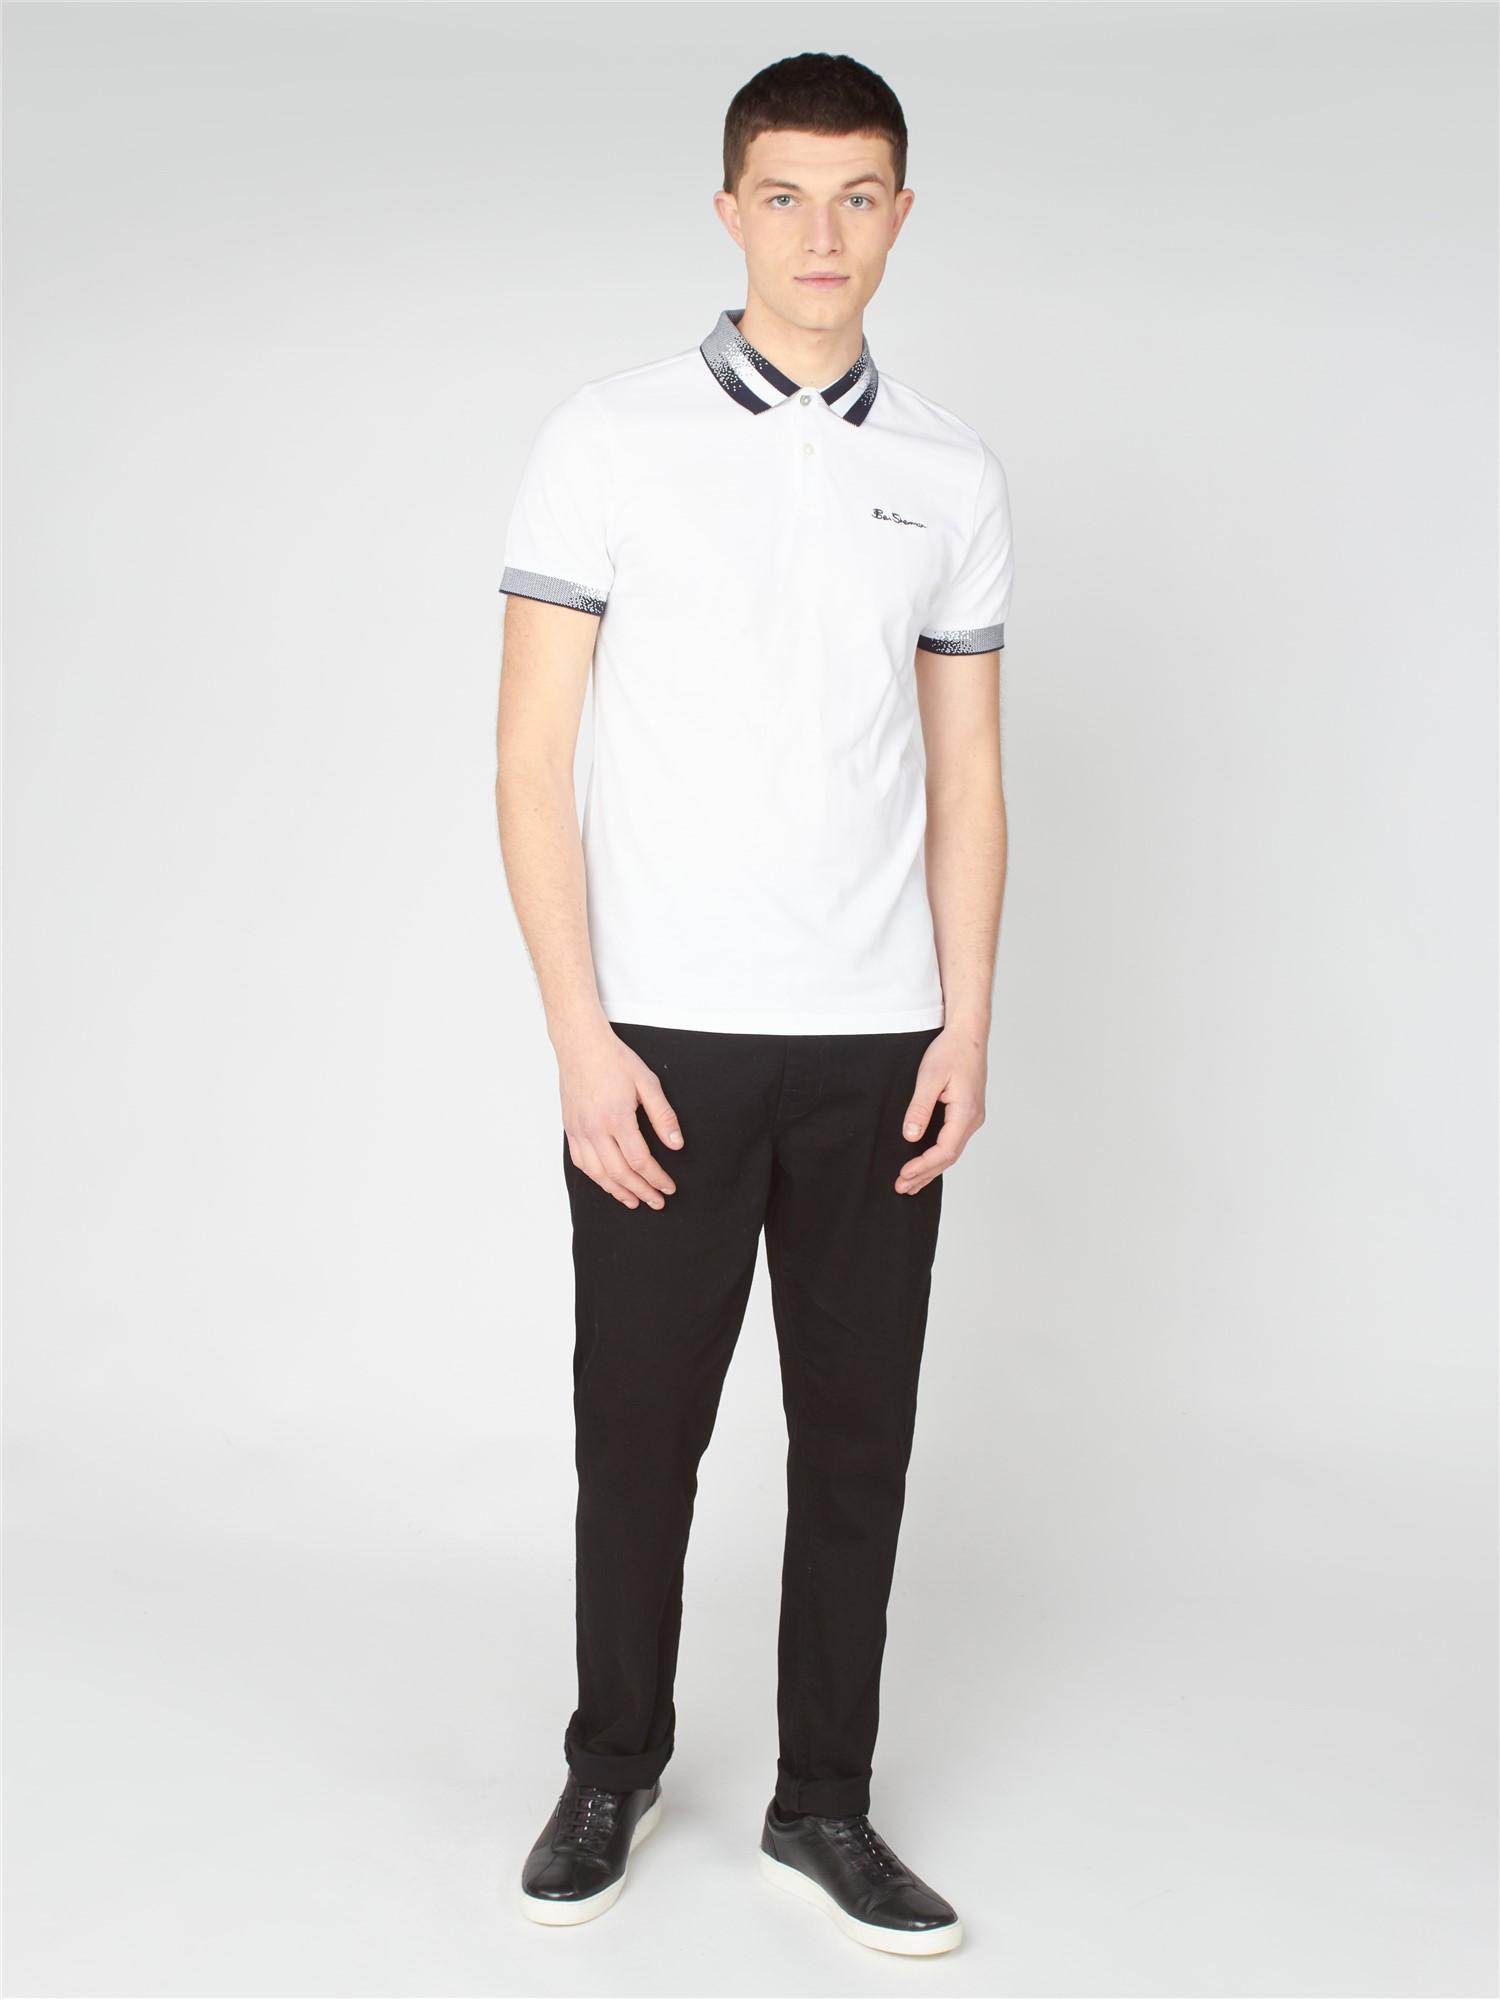 Collar Interest Polo